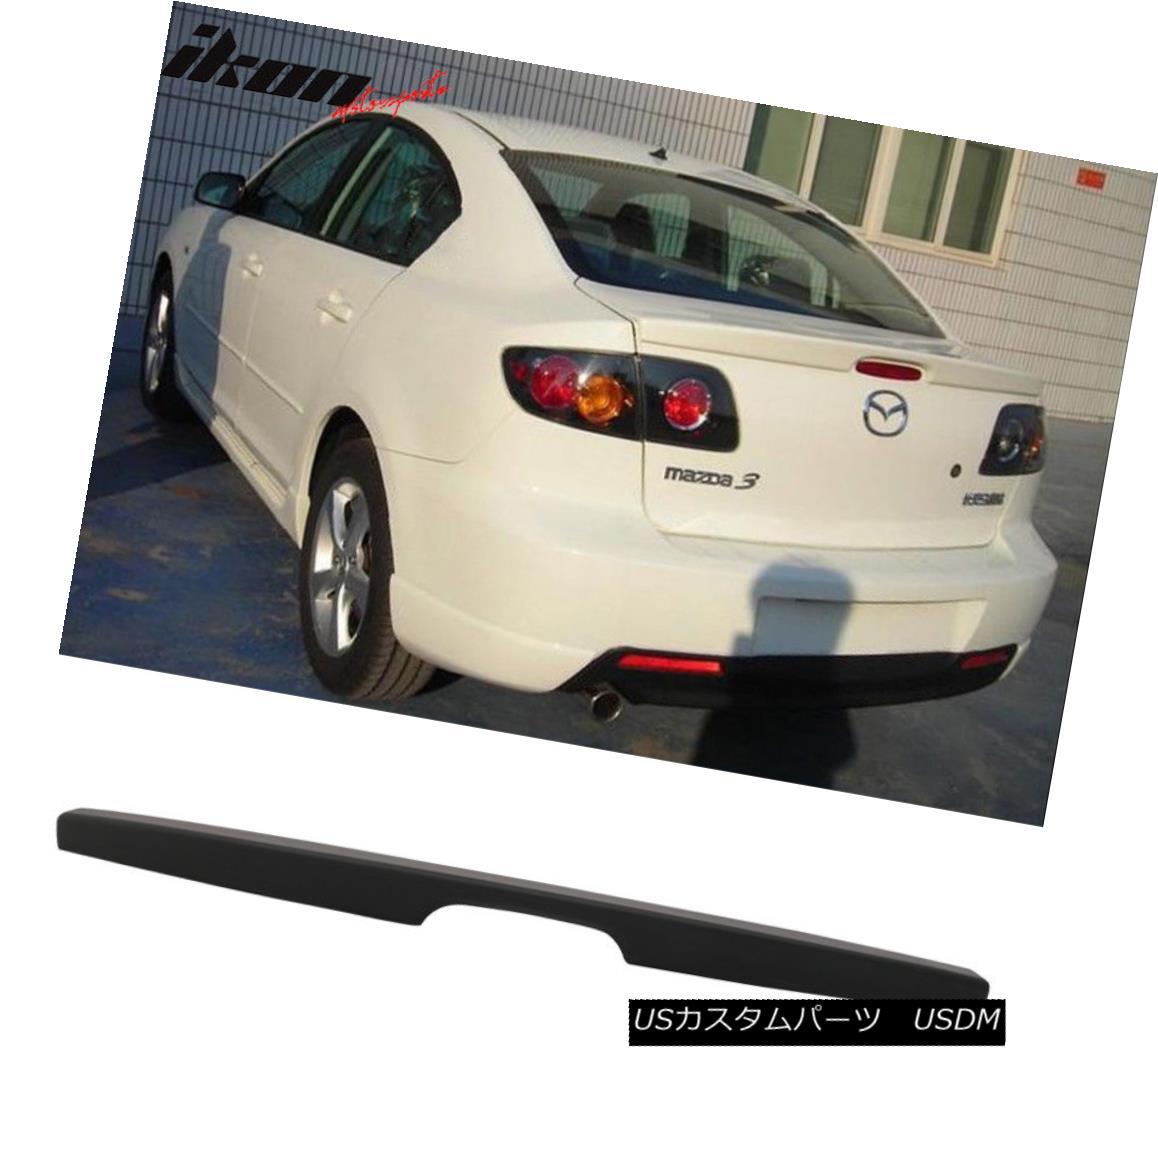 エアロパーツ For 04-09 Mazda 3 4Dr Sedan Flush Mount OE Factory Trunk Spoiler-Matte Black ABS 04-09マツダ3 4DrセダンフラッシュマウントOE工場トランクスポイラー - マットブラックABS